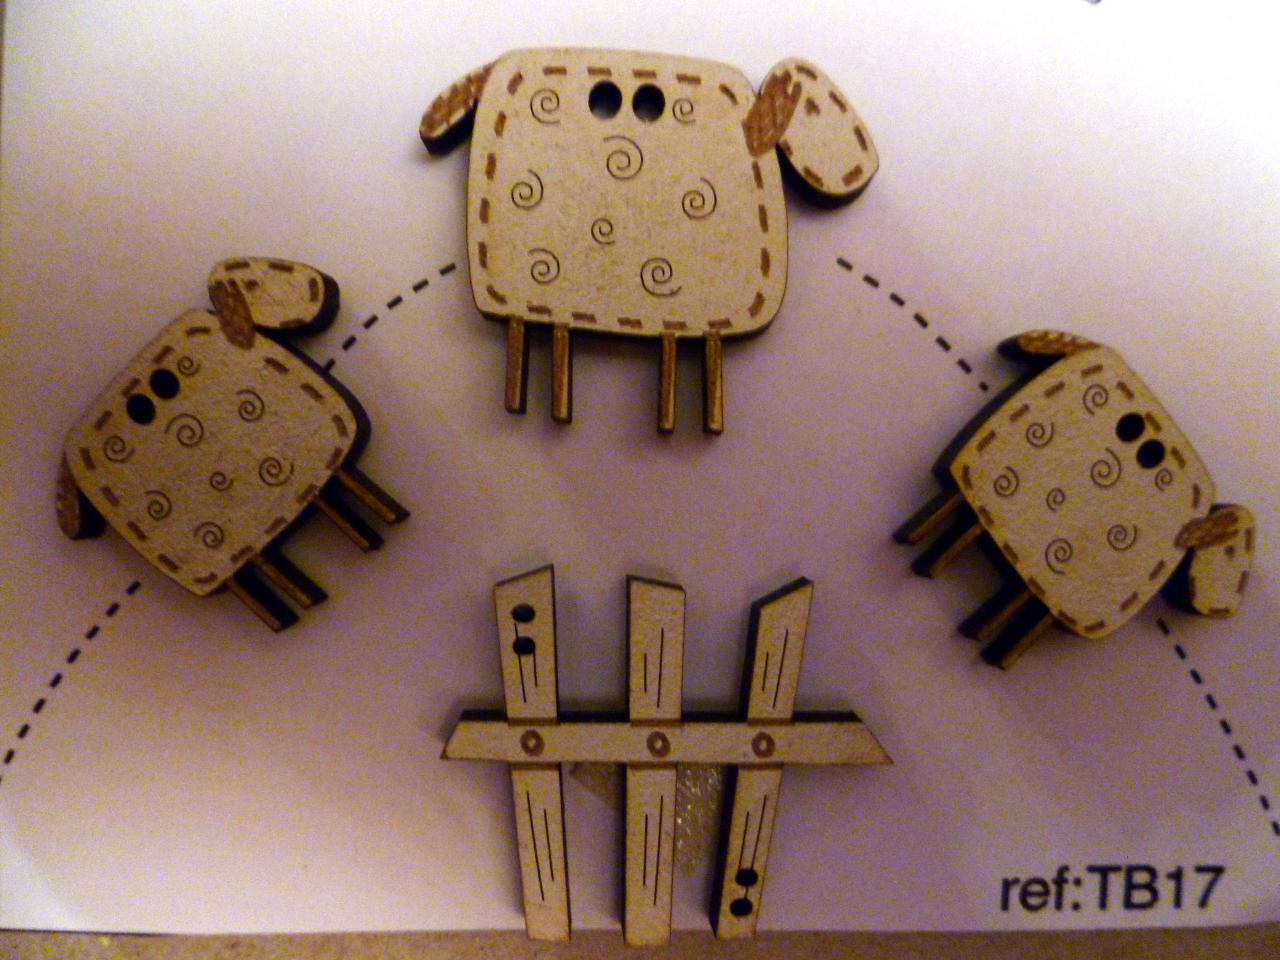 moutons-tb17-01.jpg